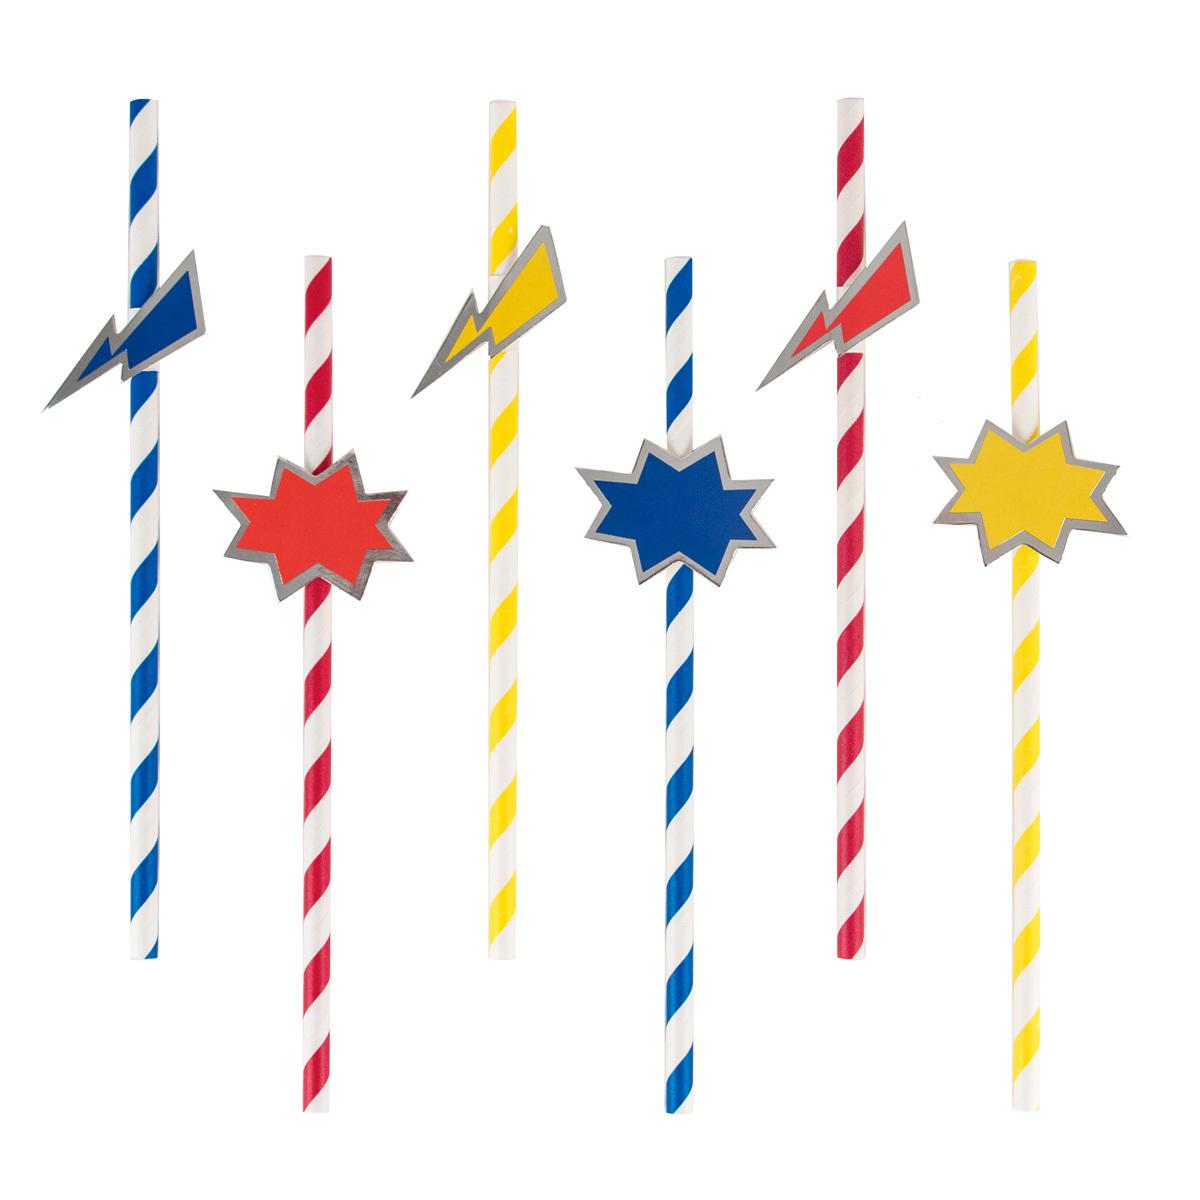 Anniversaire & Fête Pailles - Super-Héros (x 12) Pailles - Super-Héros (x 12)